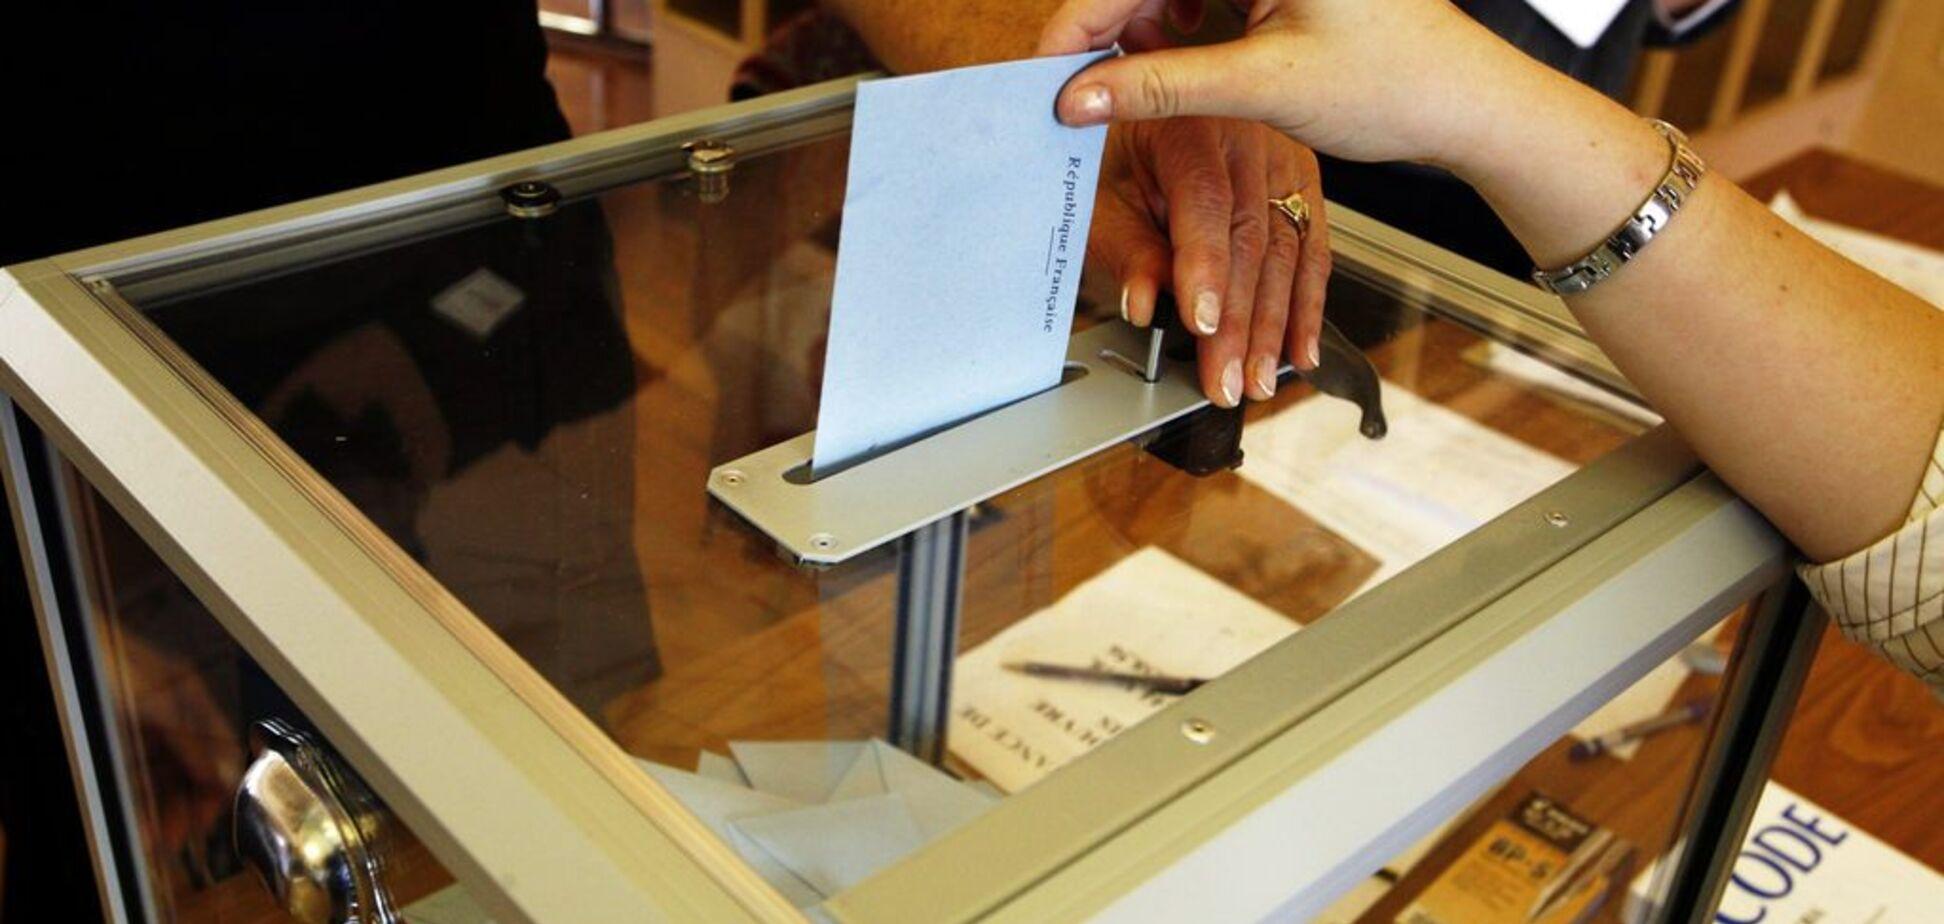 В Украине предложили новое наказание для участников референдума 'Л/ДНР'